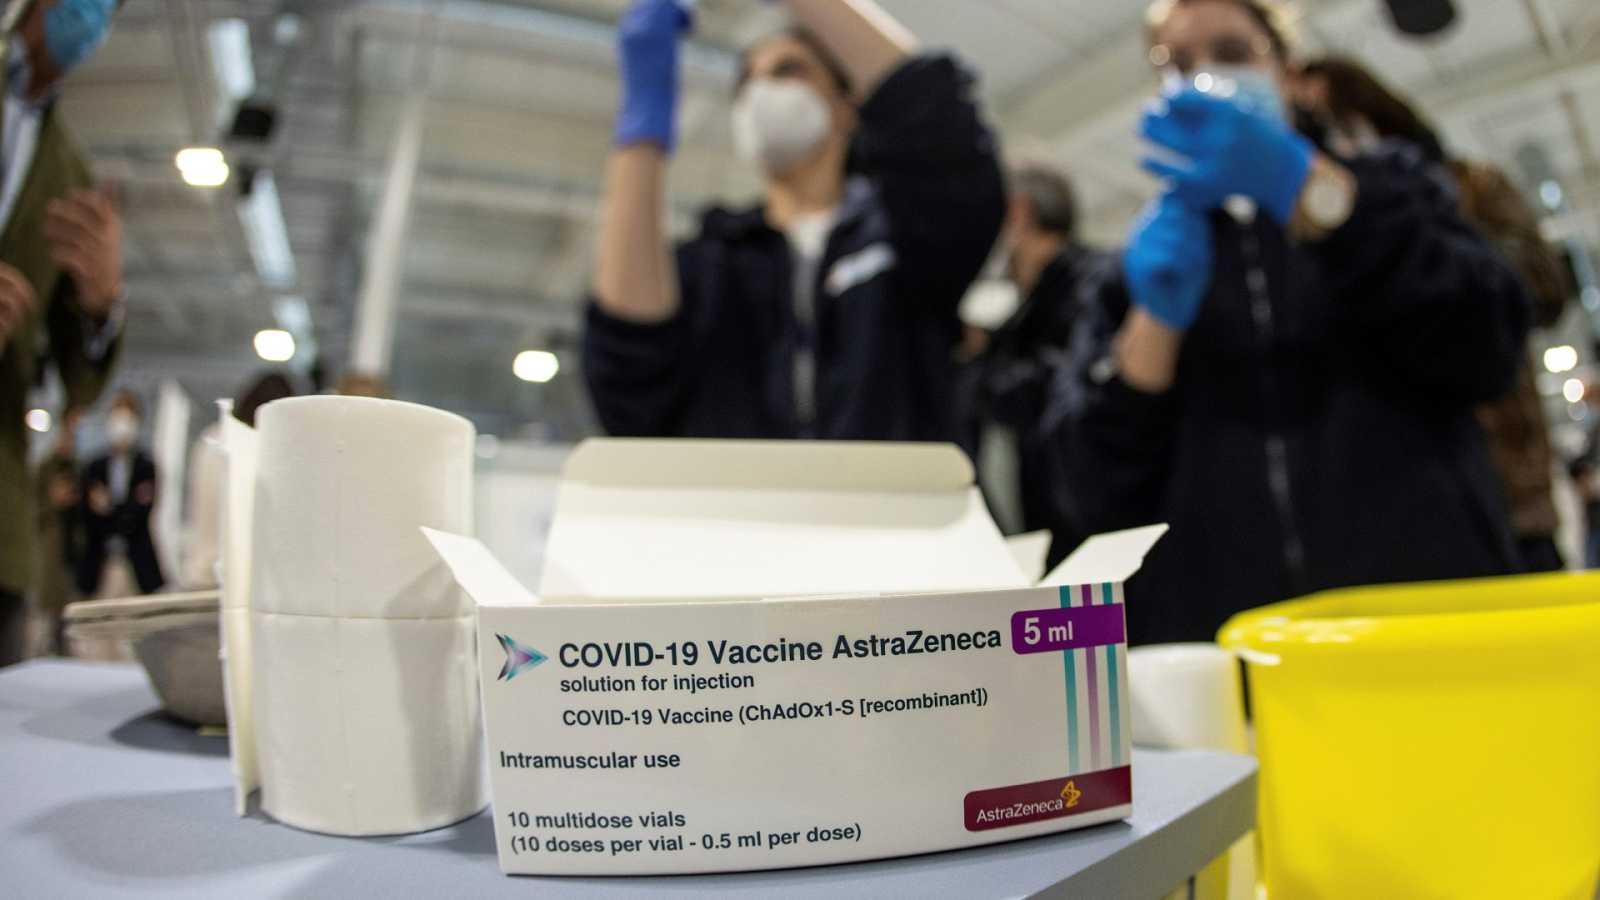 Llega un millón de dosis de AstraZeneca a España mientras las comunidades vacunan de manera desigual